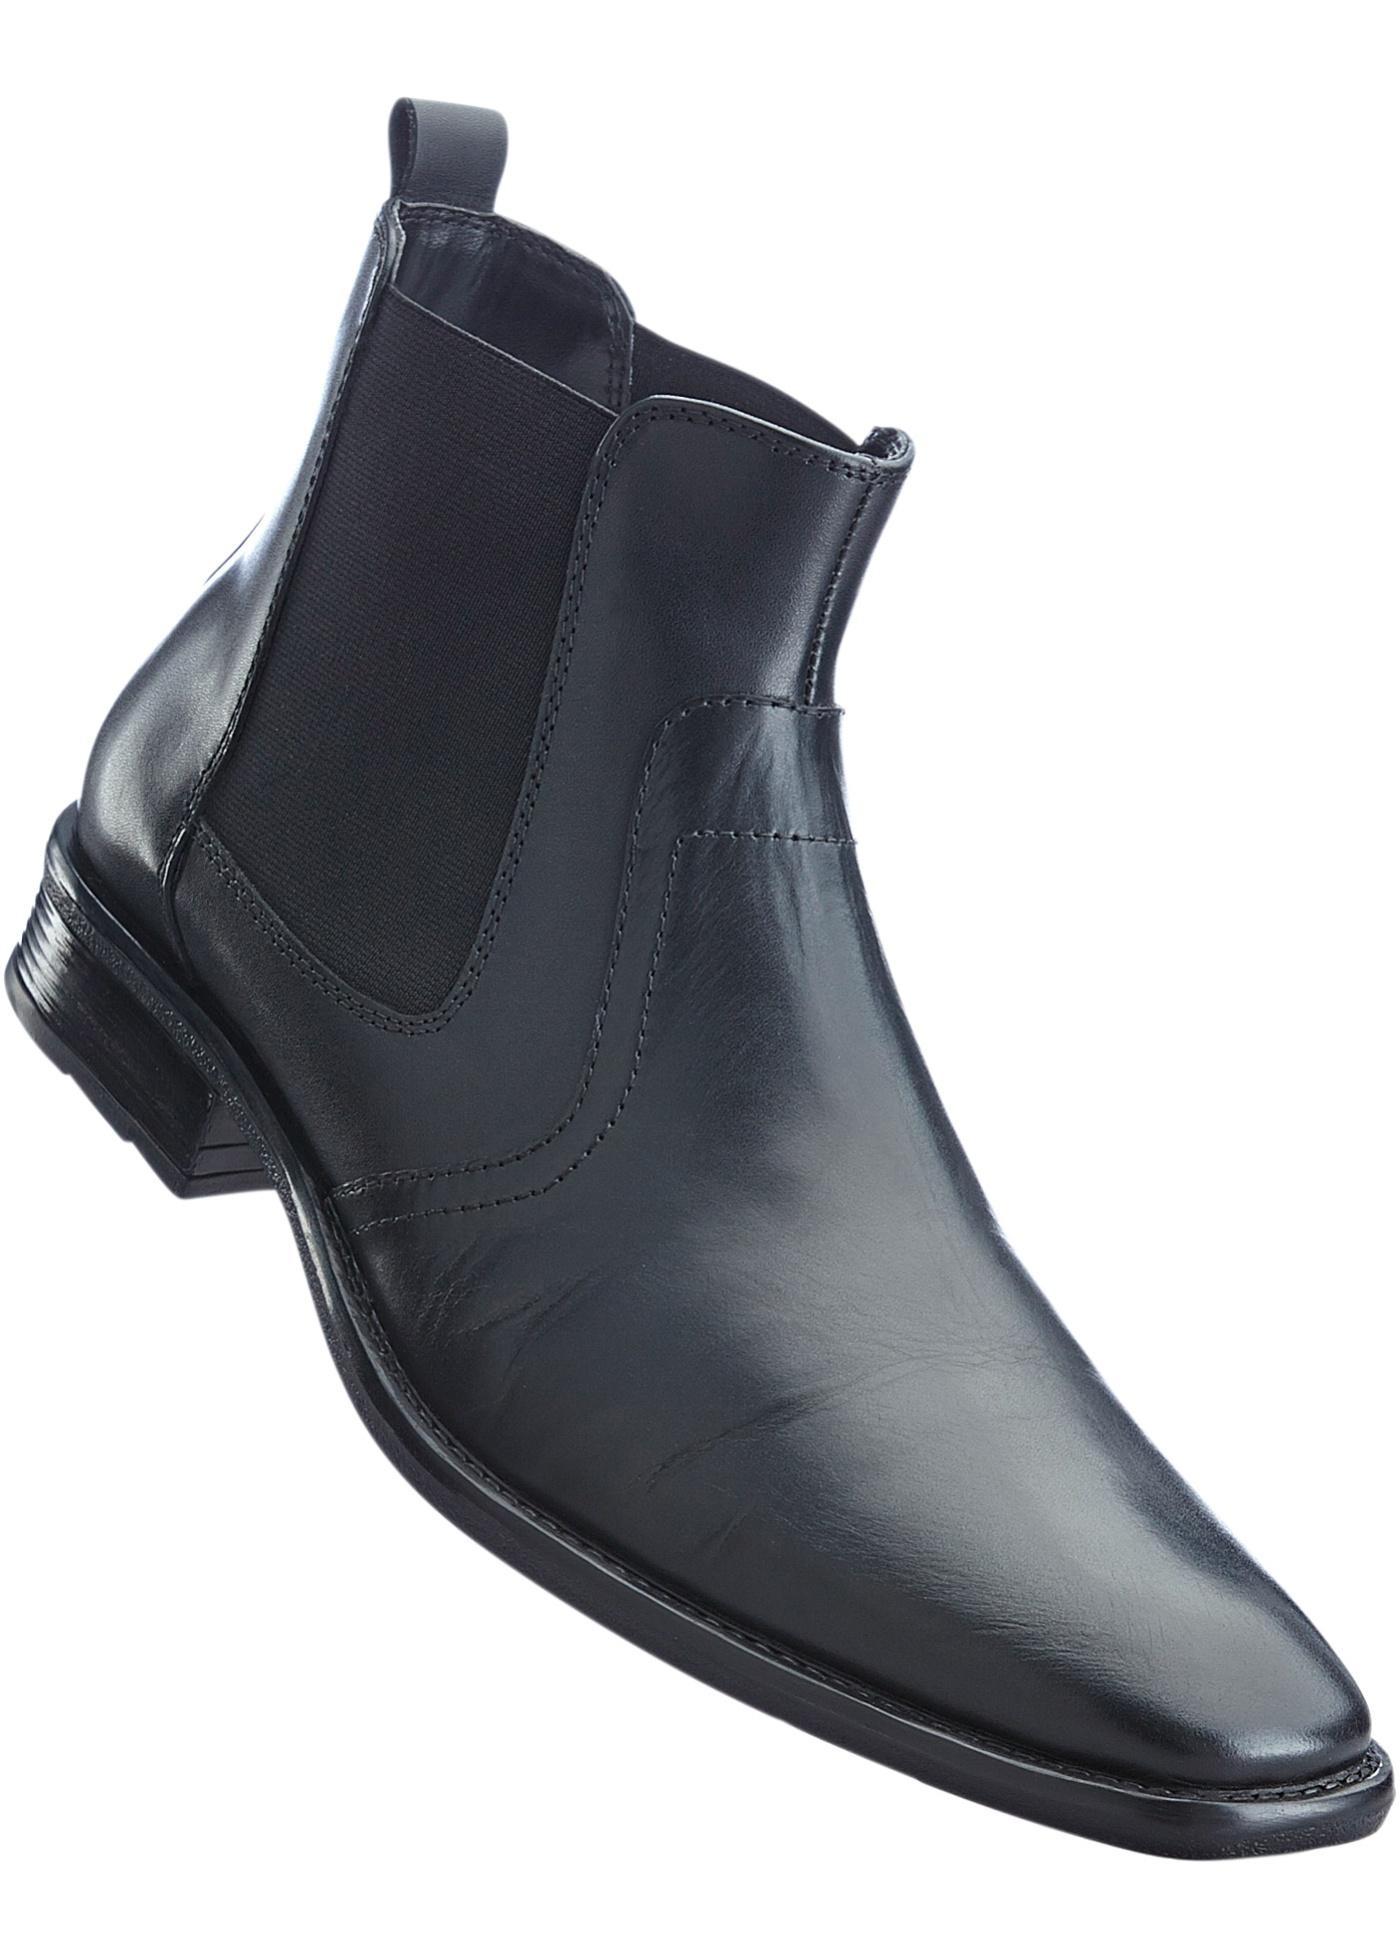 201125a3184f Kožená obuv Chelsea - Černá